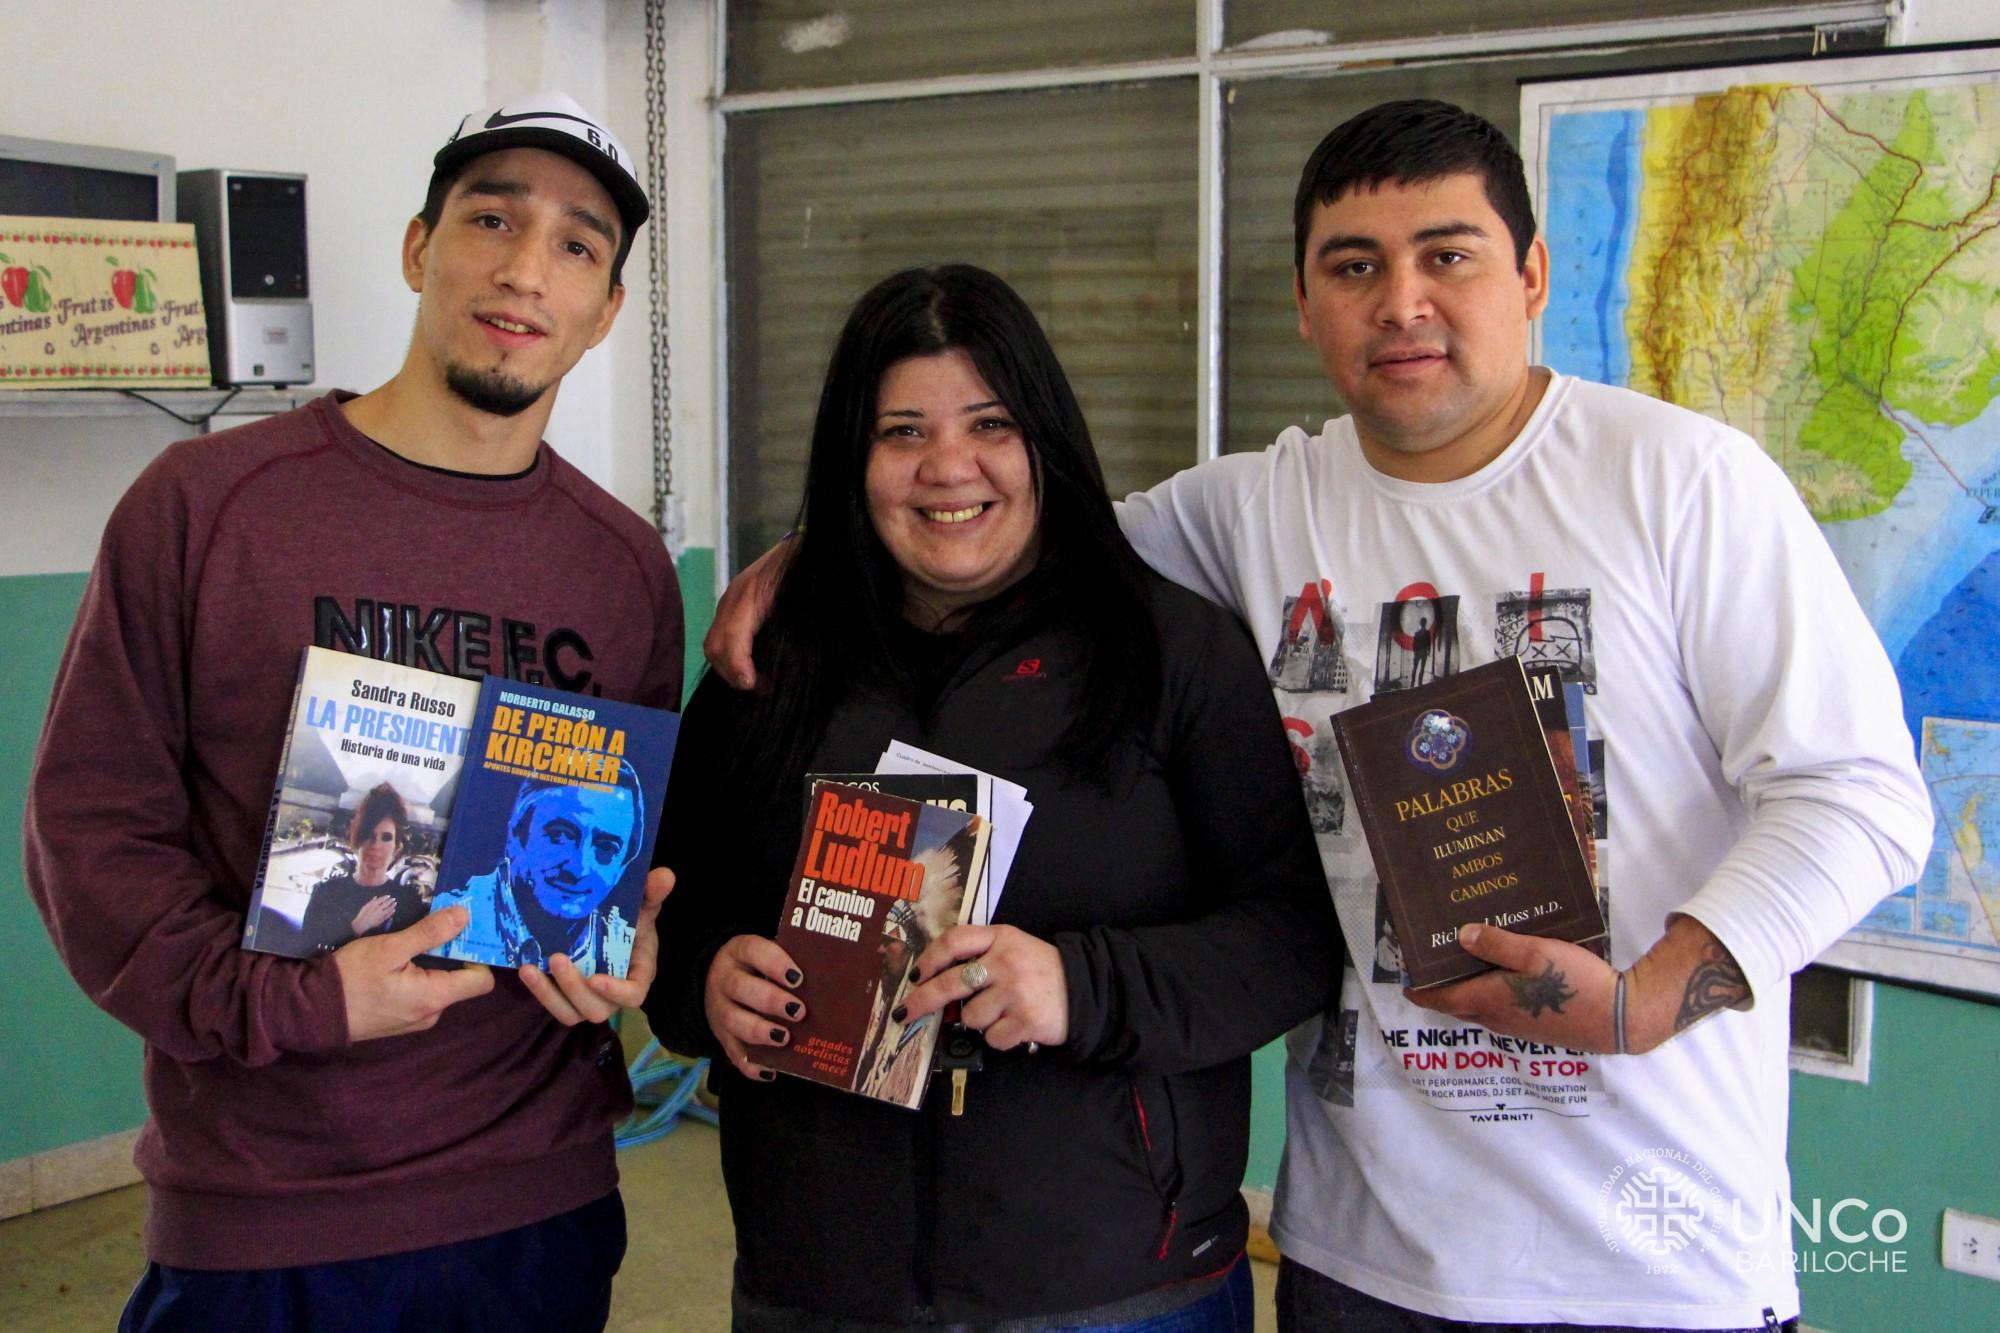 Fotos entrega libros (2 de 2)